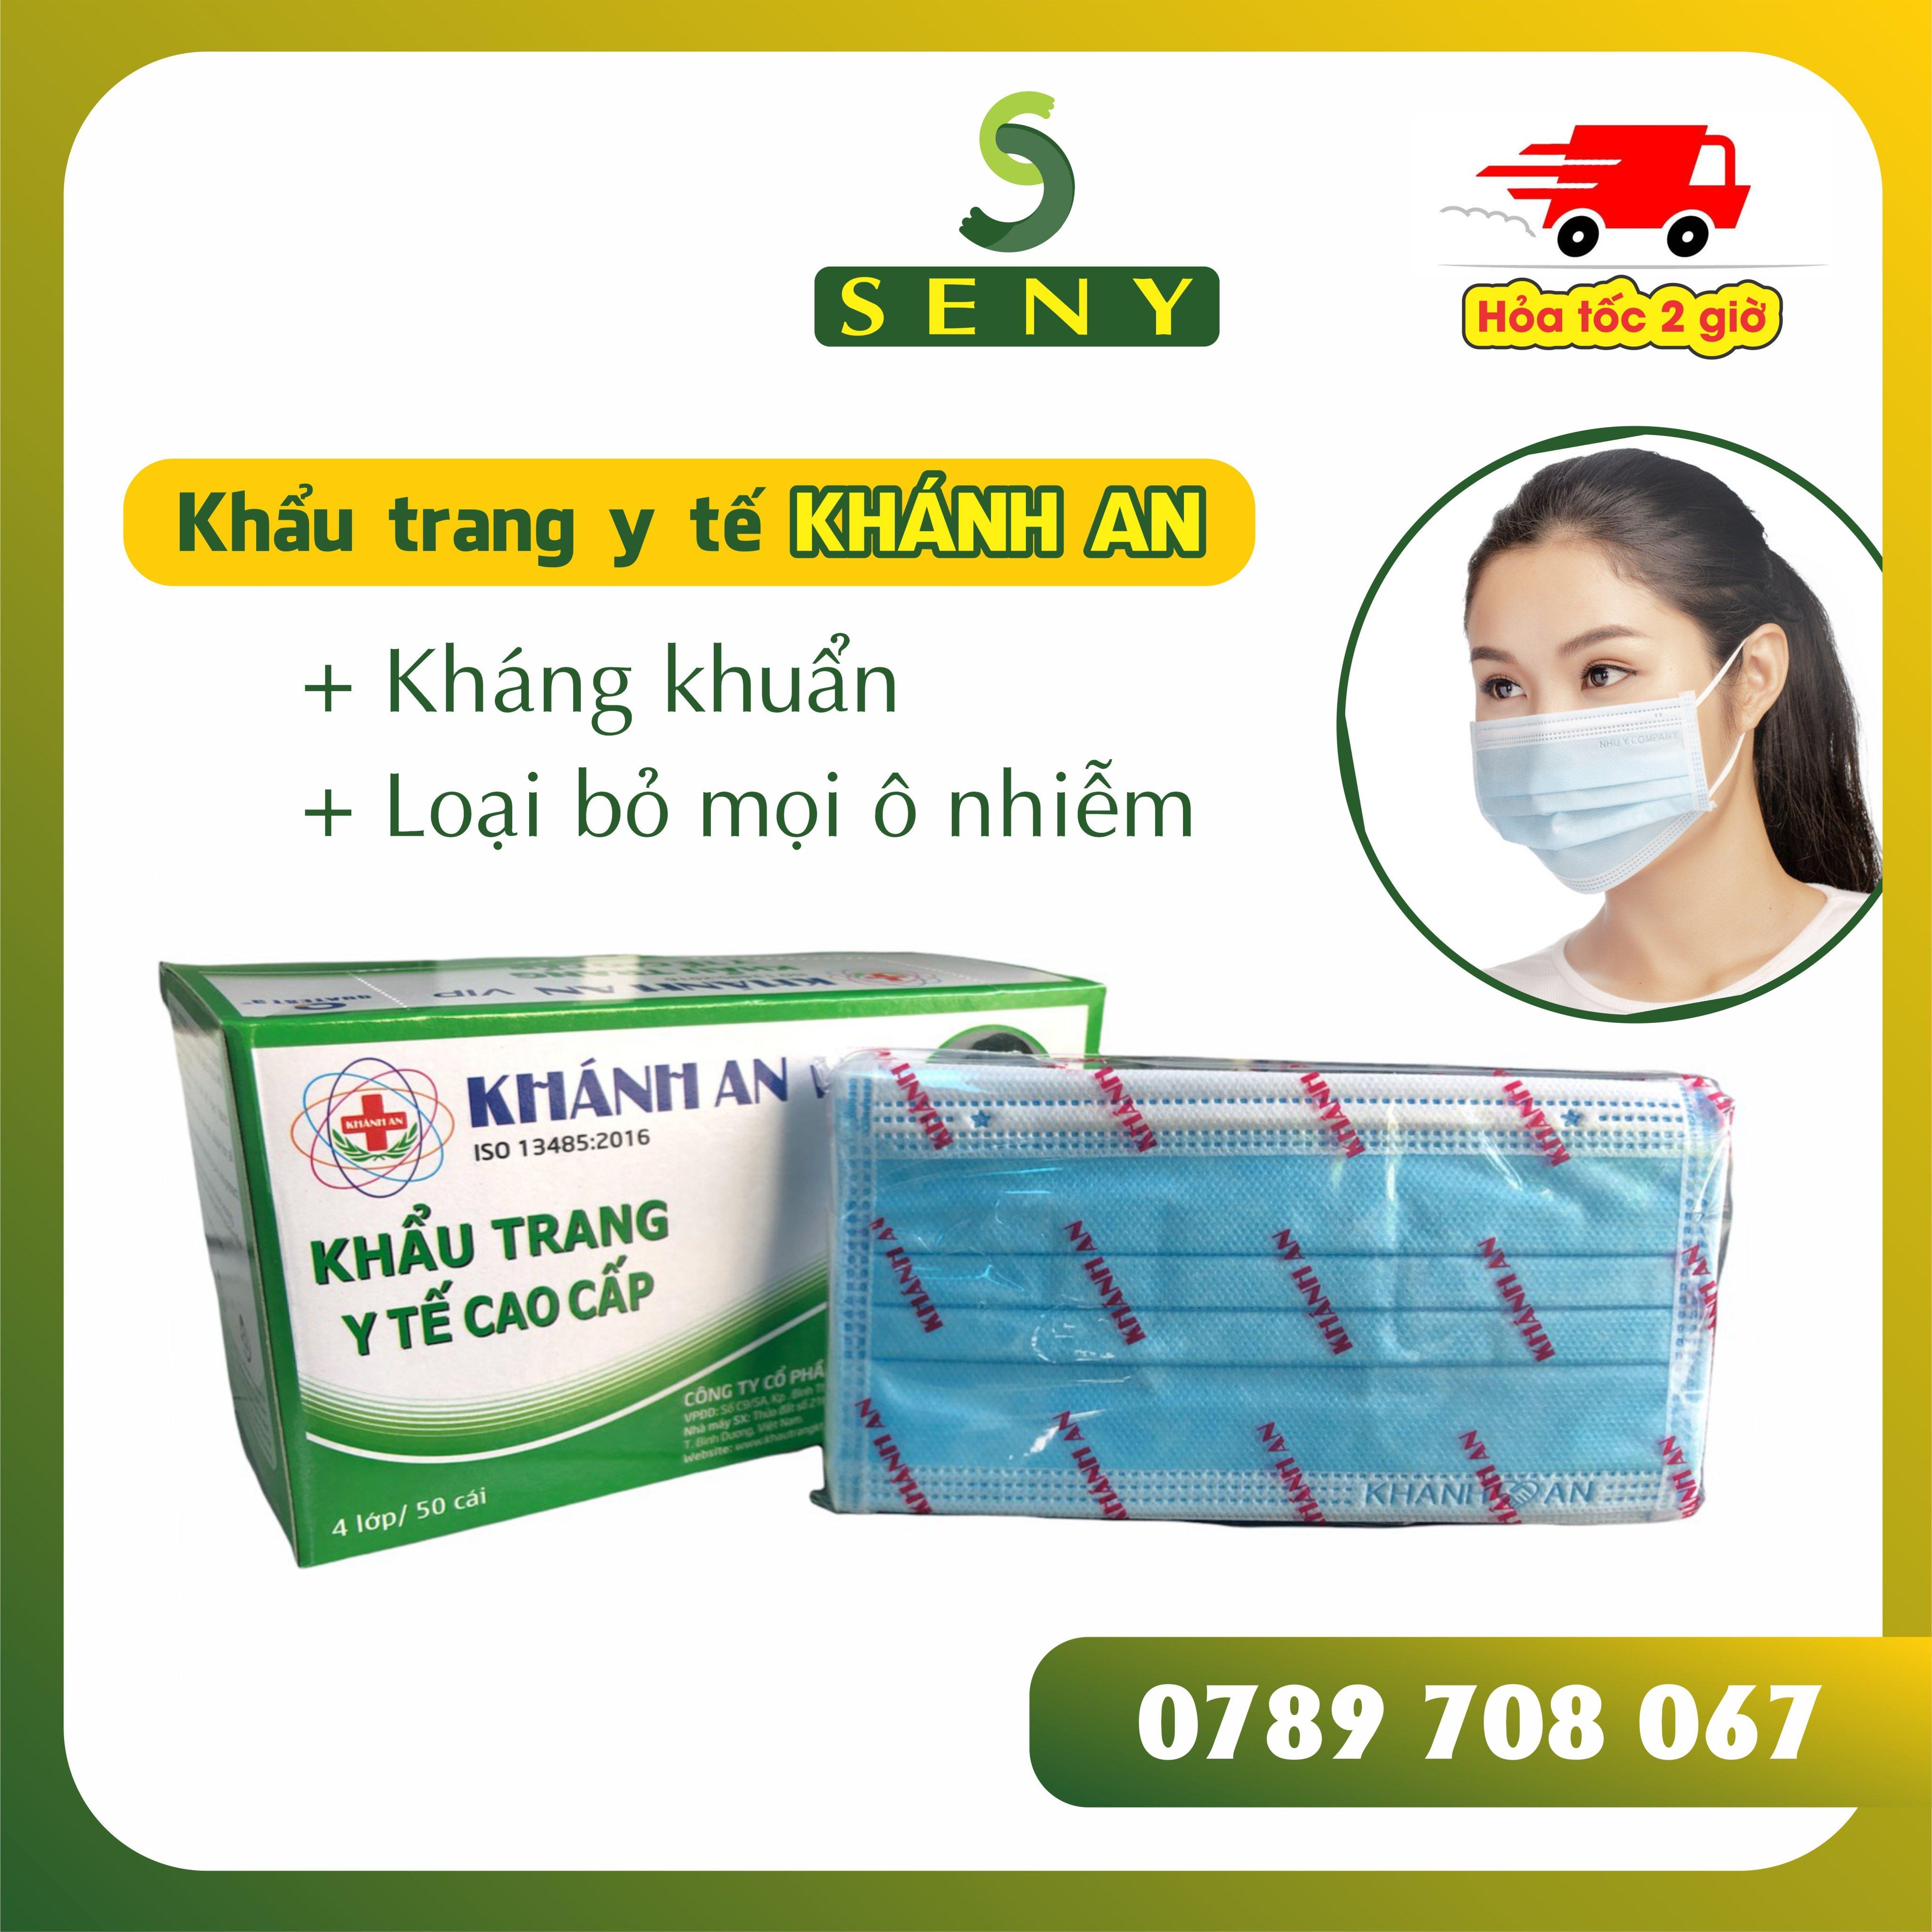 Khẩu Trang Y Tế 4 Lớp Kháng khuẩn - Màu Xanh Hộp 50 cái (4 Layers Face Mask)